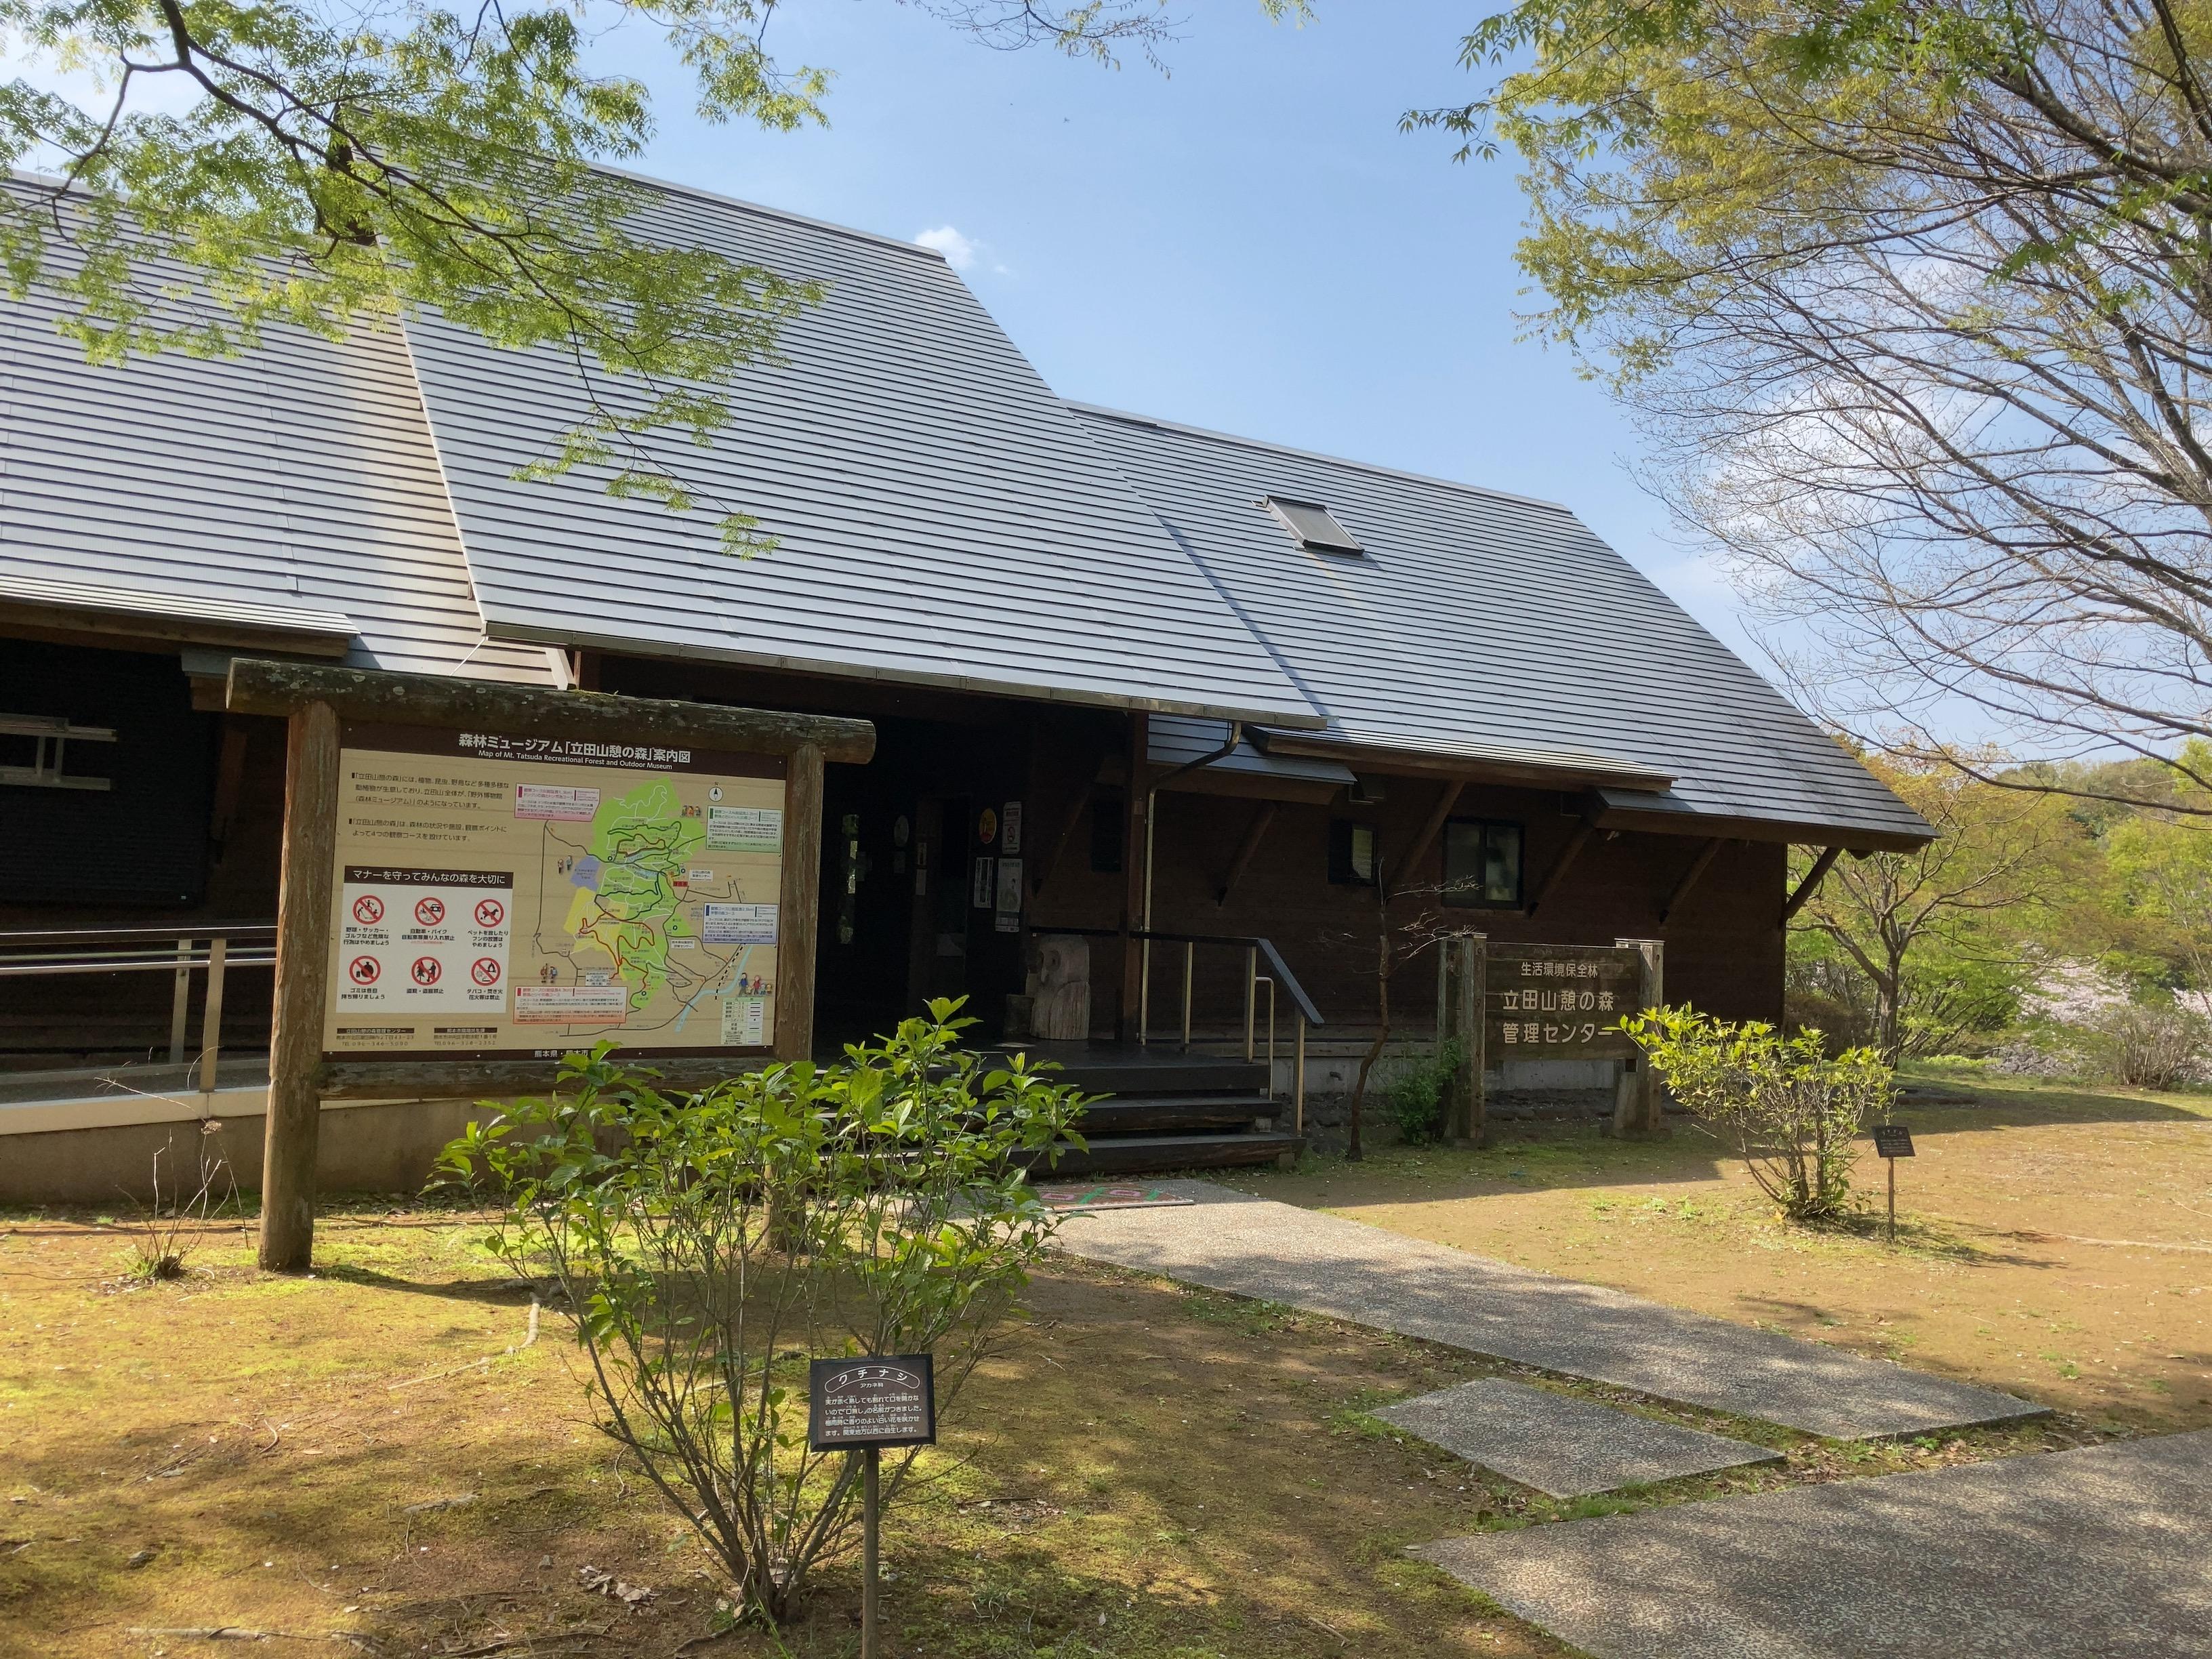 (龍田西)4501立田山憩いの森 管理センター